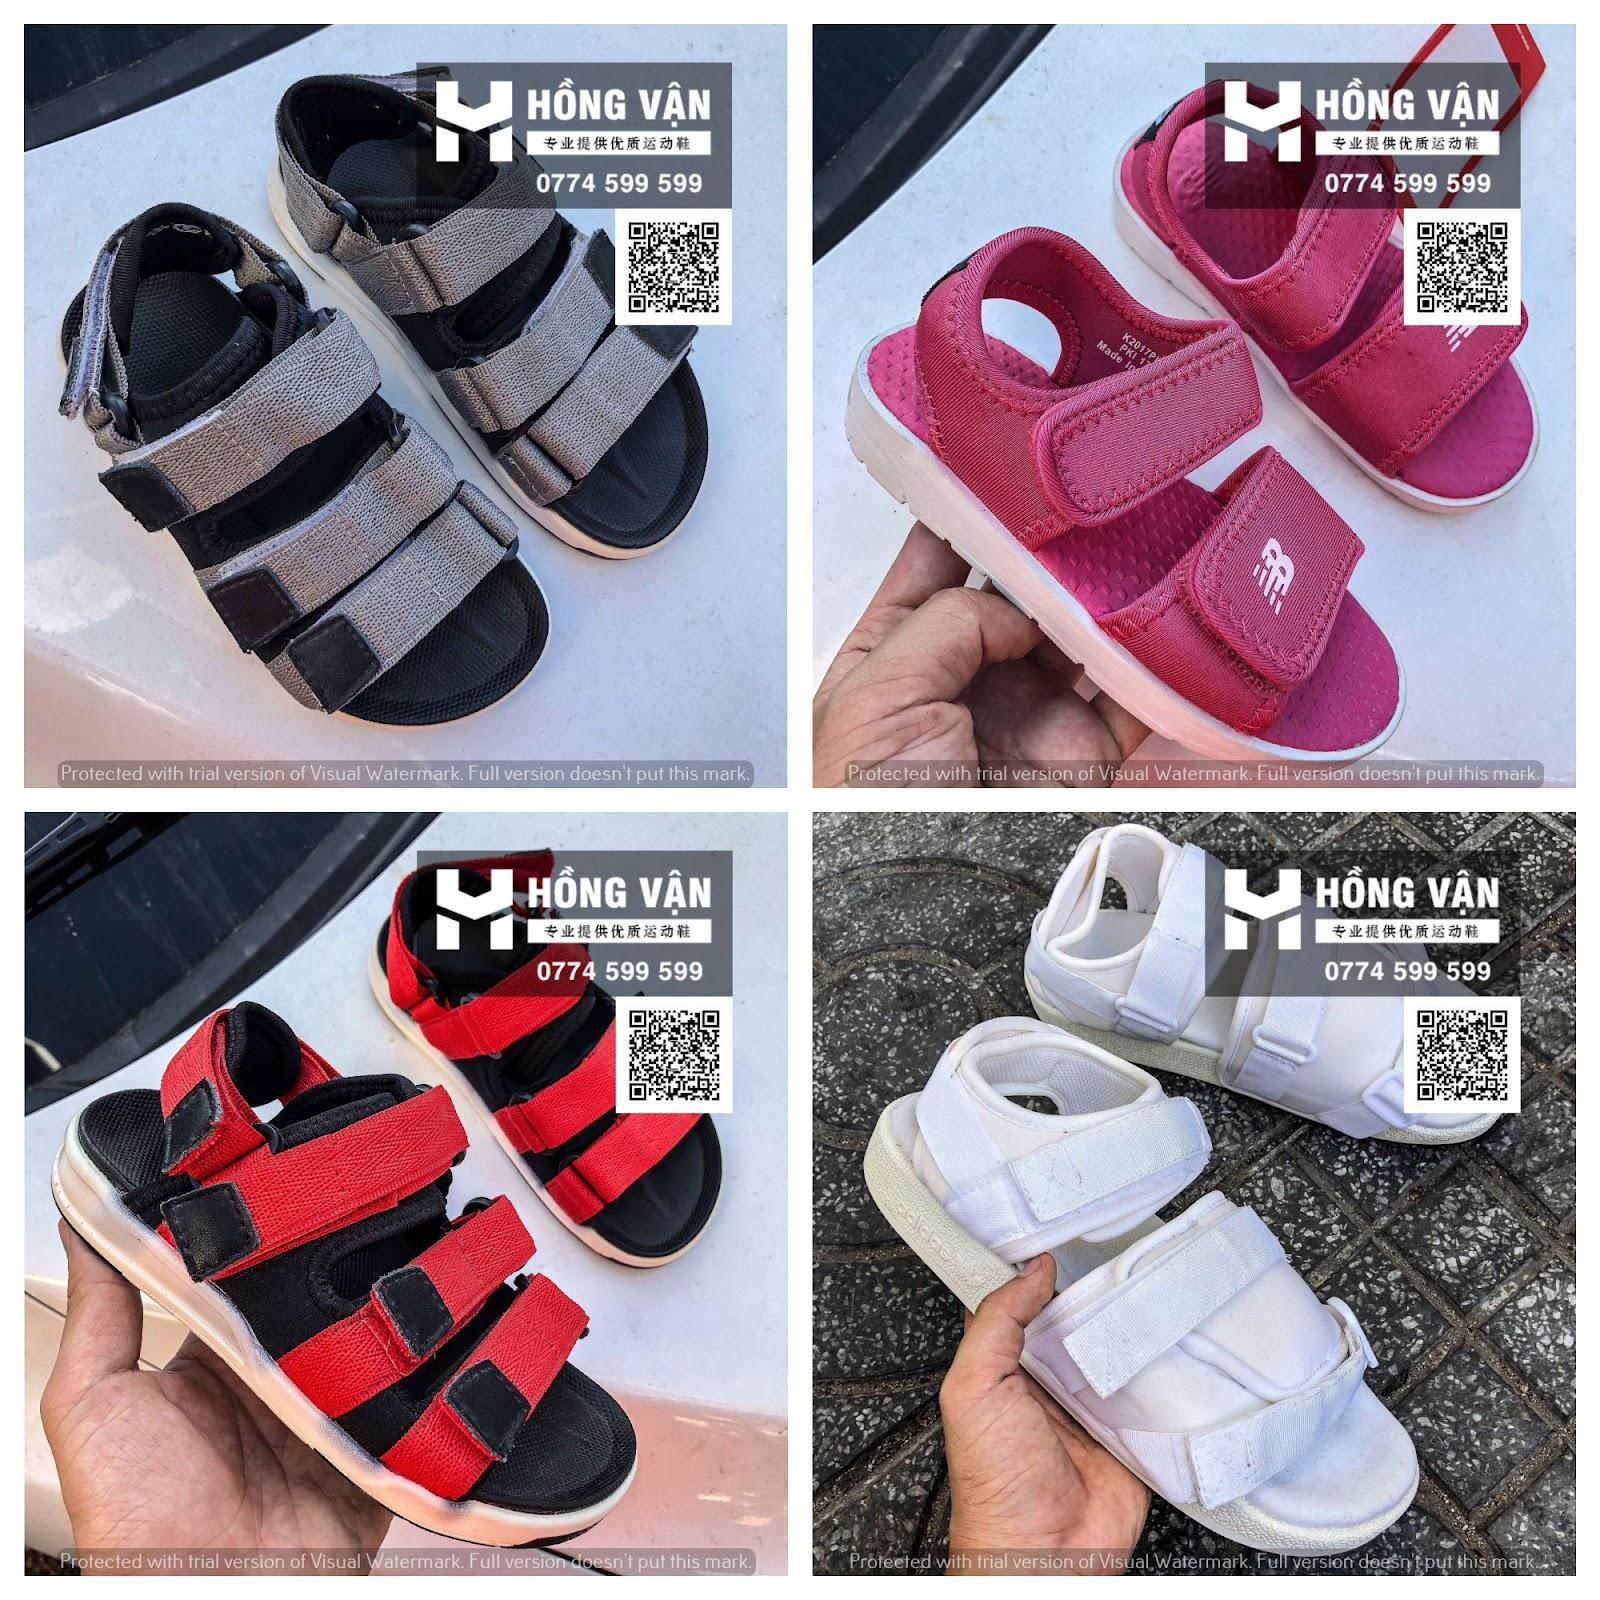 Hồng Vận - chuyên cung cấp sỉ giày thể thao uy tín chất lượng - 7